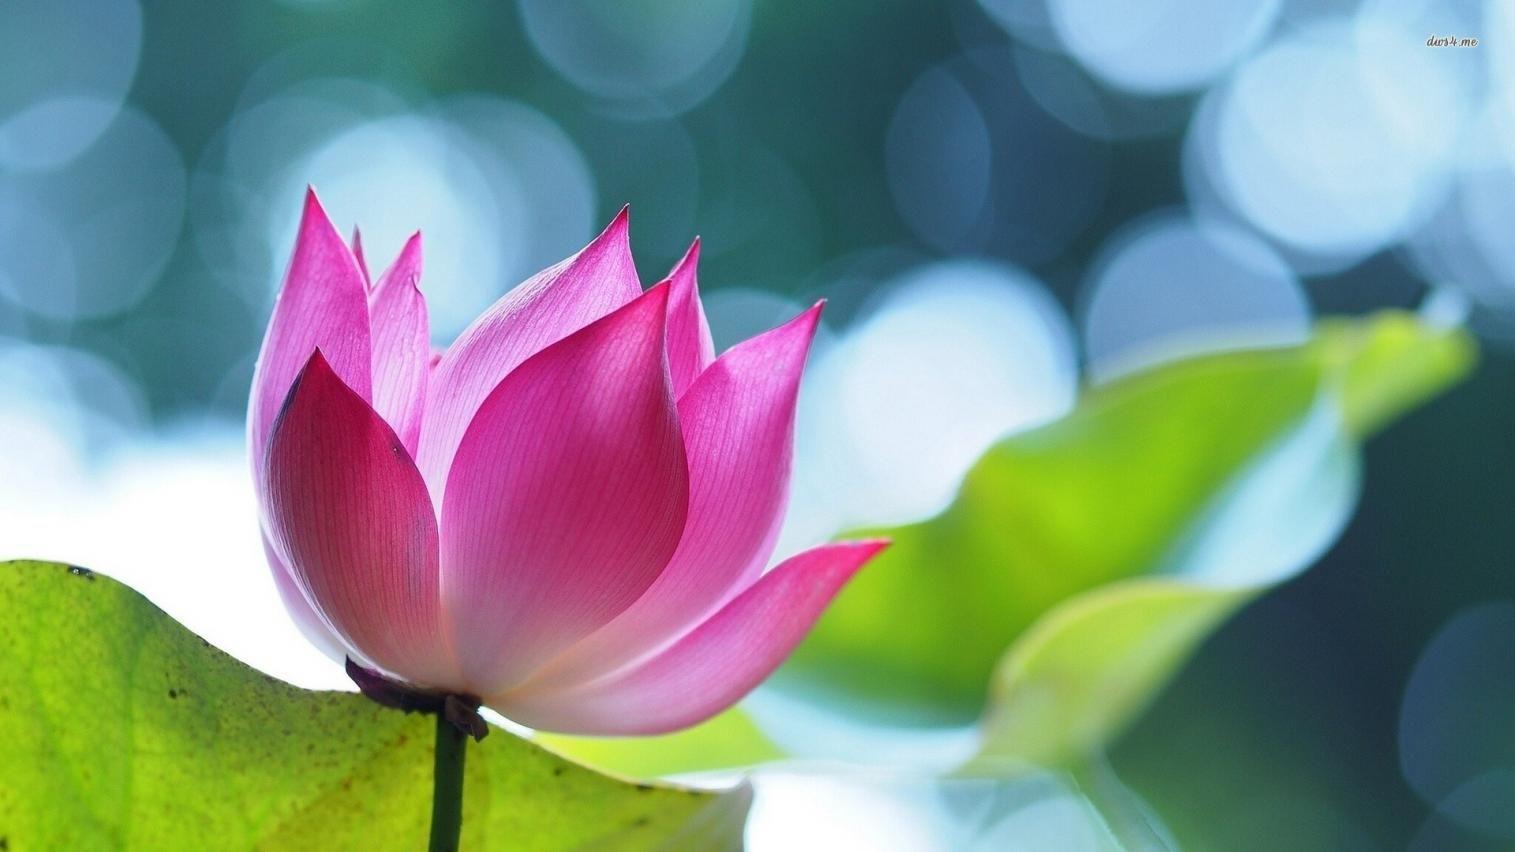 Lotus flower graphic name 18827 lotus 1920x1080 lotus flower lotus flower graphic name 18827 lotus 1920x1080 izmirmasajfo